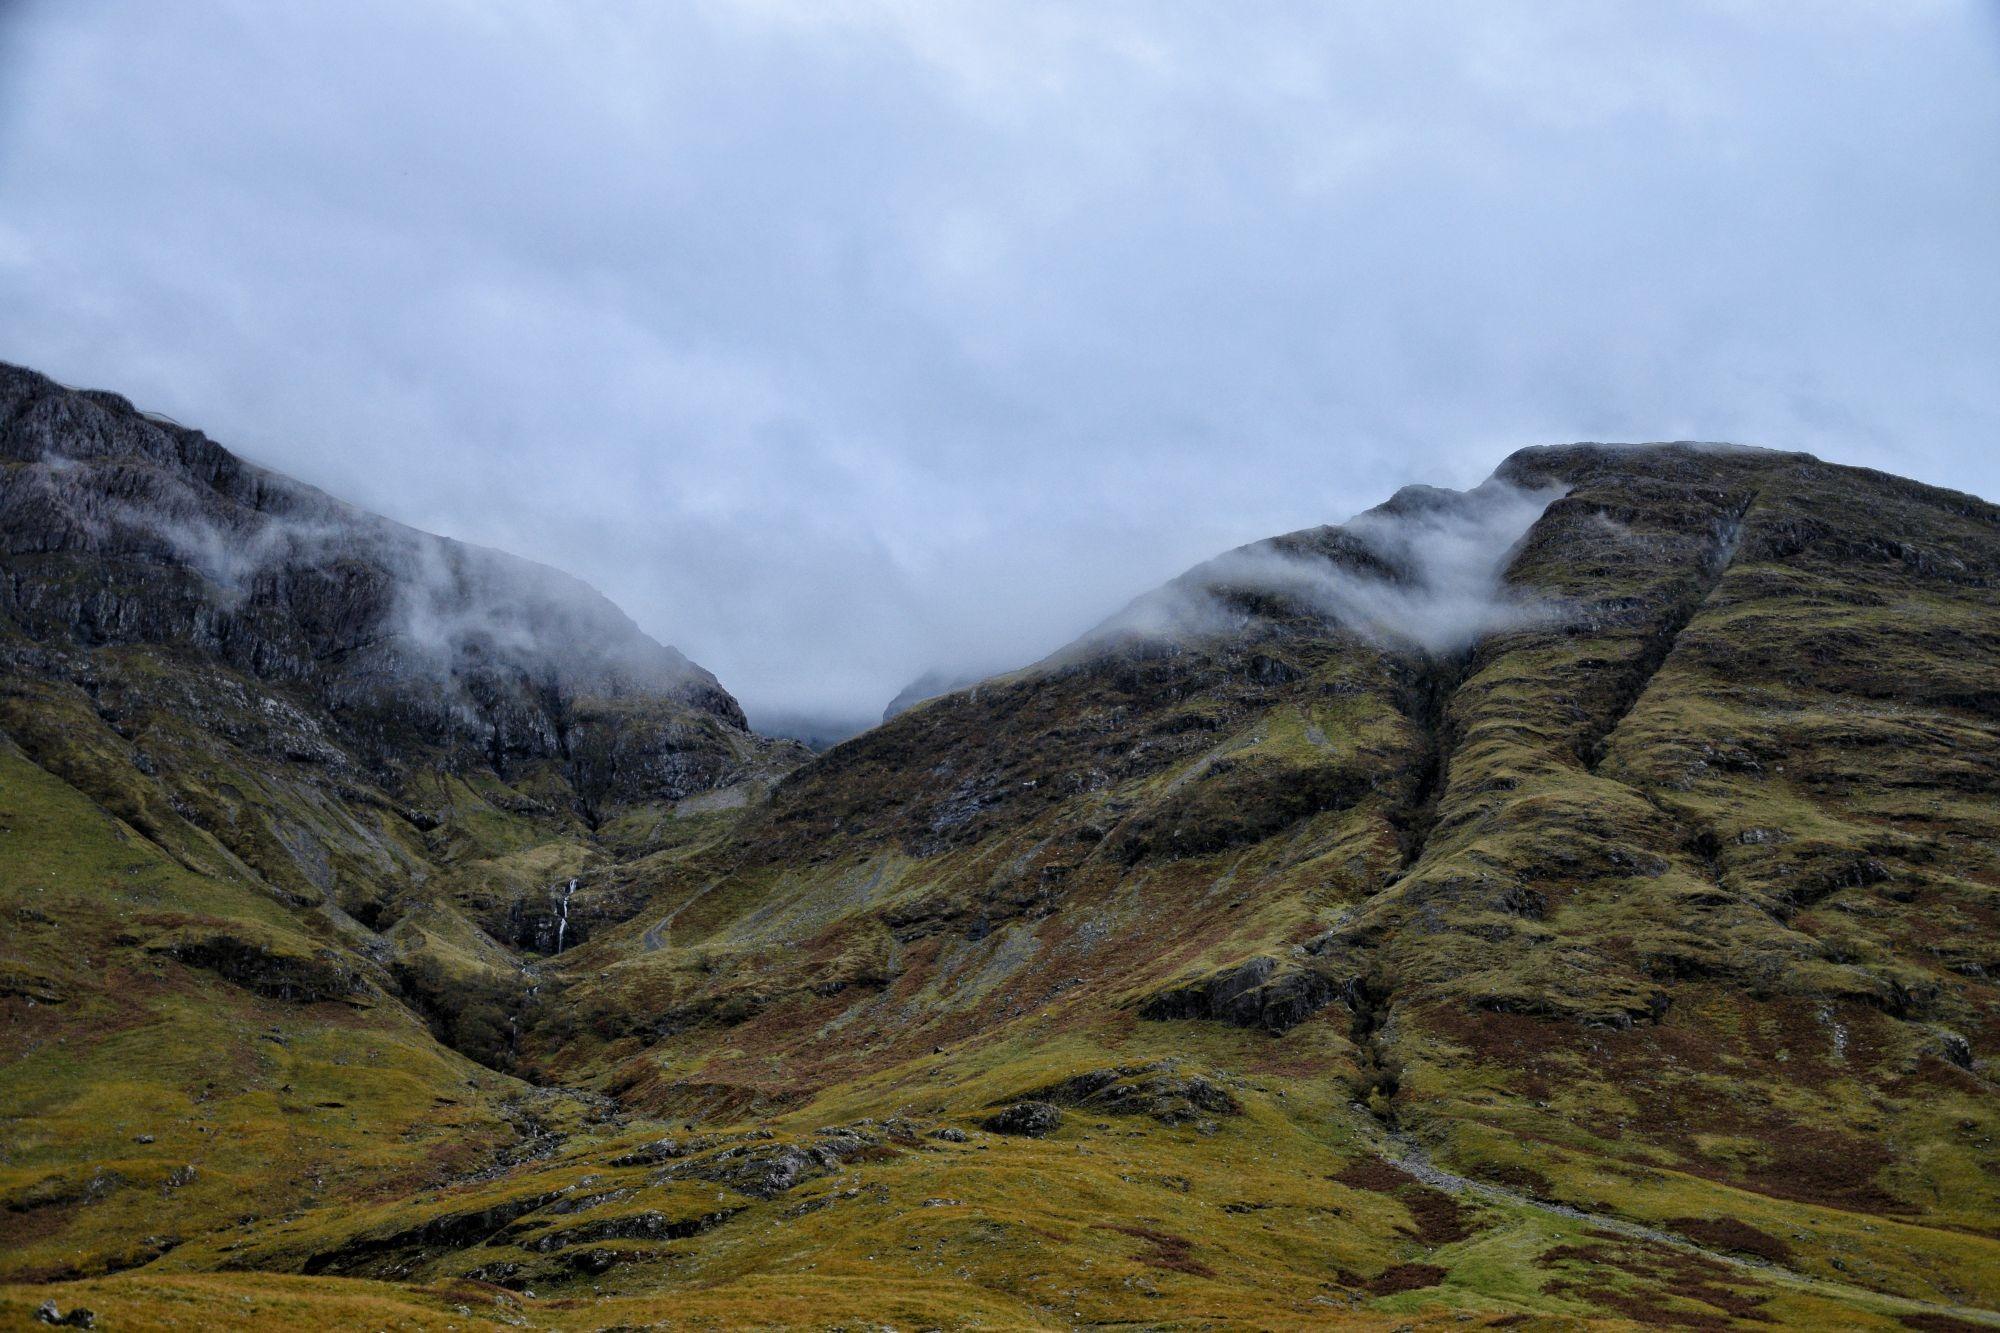 Scozia on the road